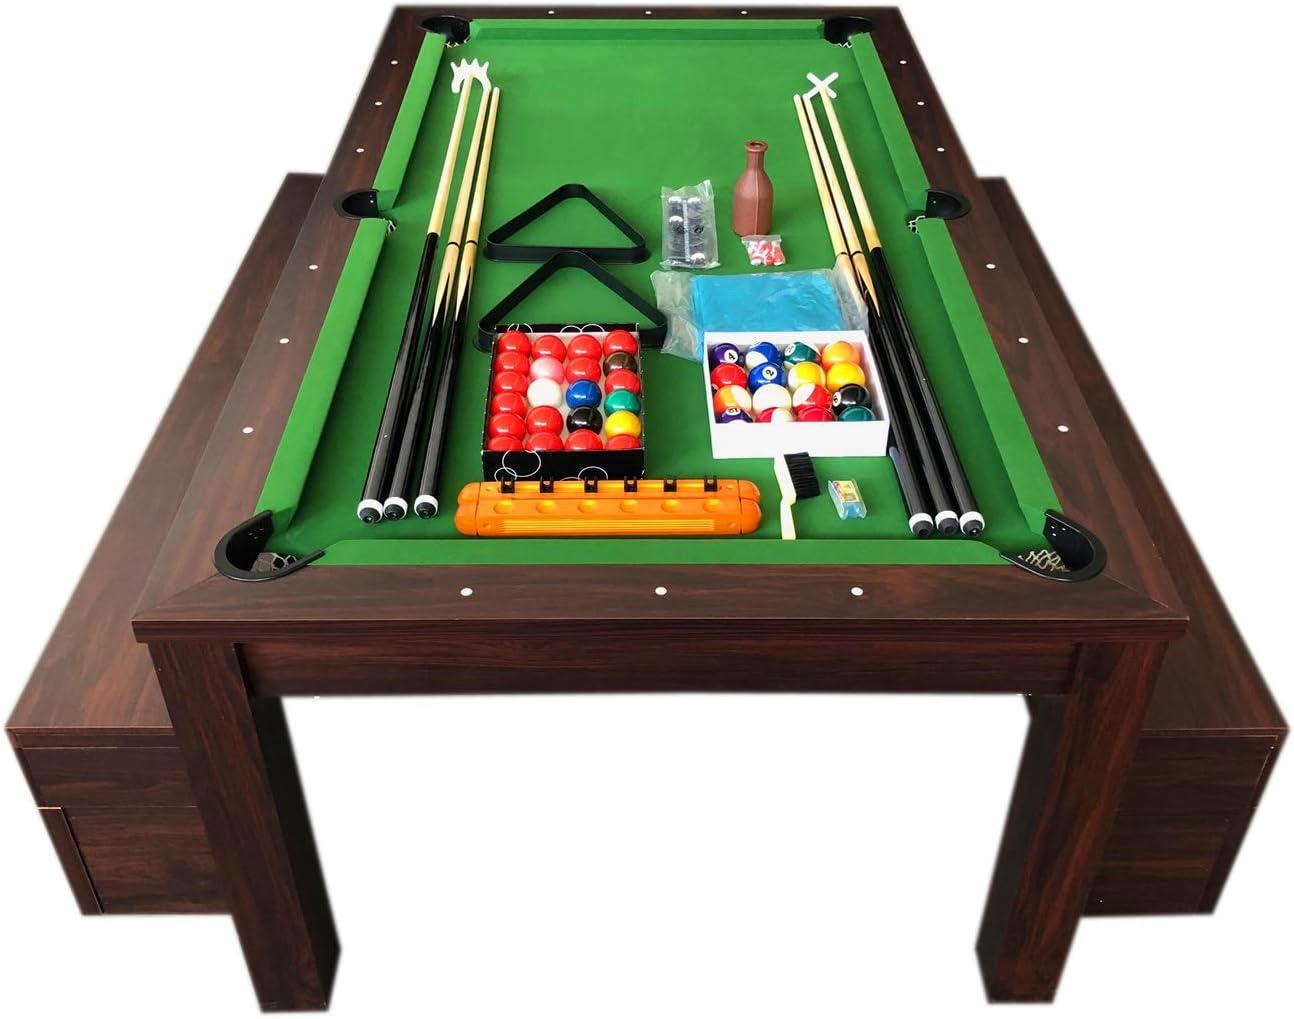 grafica ma.ro srl Billardtisch Billard 7 FT Billard-Spiel mit Tischplatte und Containerb/änke Neue